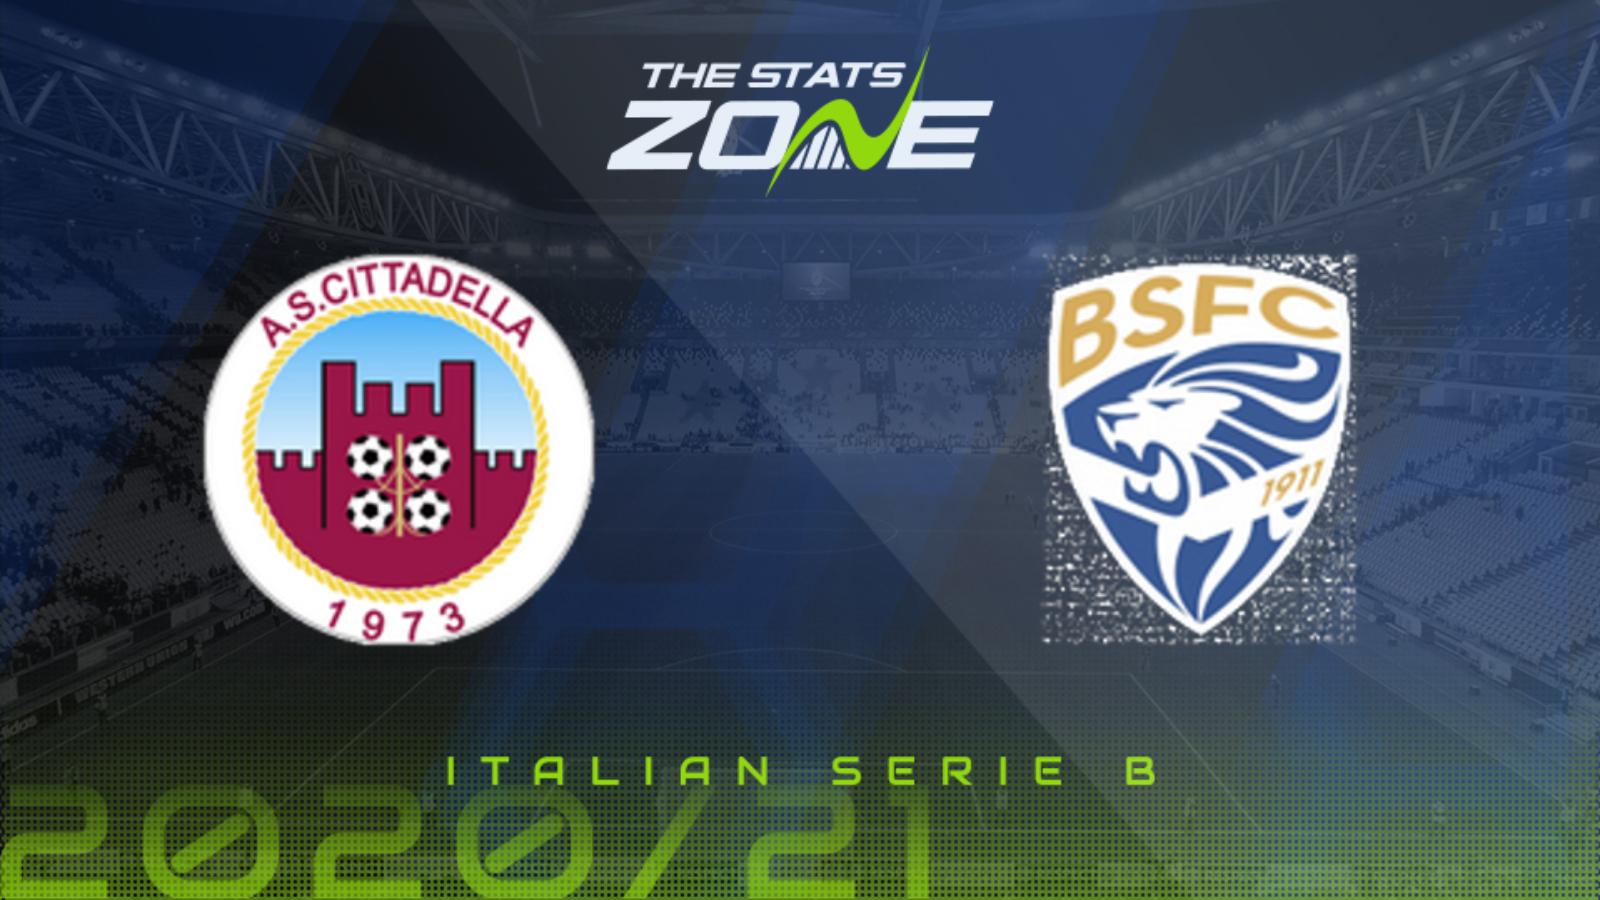 2020-21 Serie B – Cittadella vs Brescia Preview & Prediction - The Stats  Zone